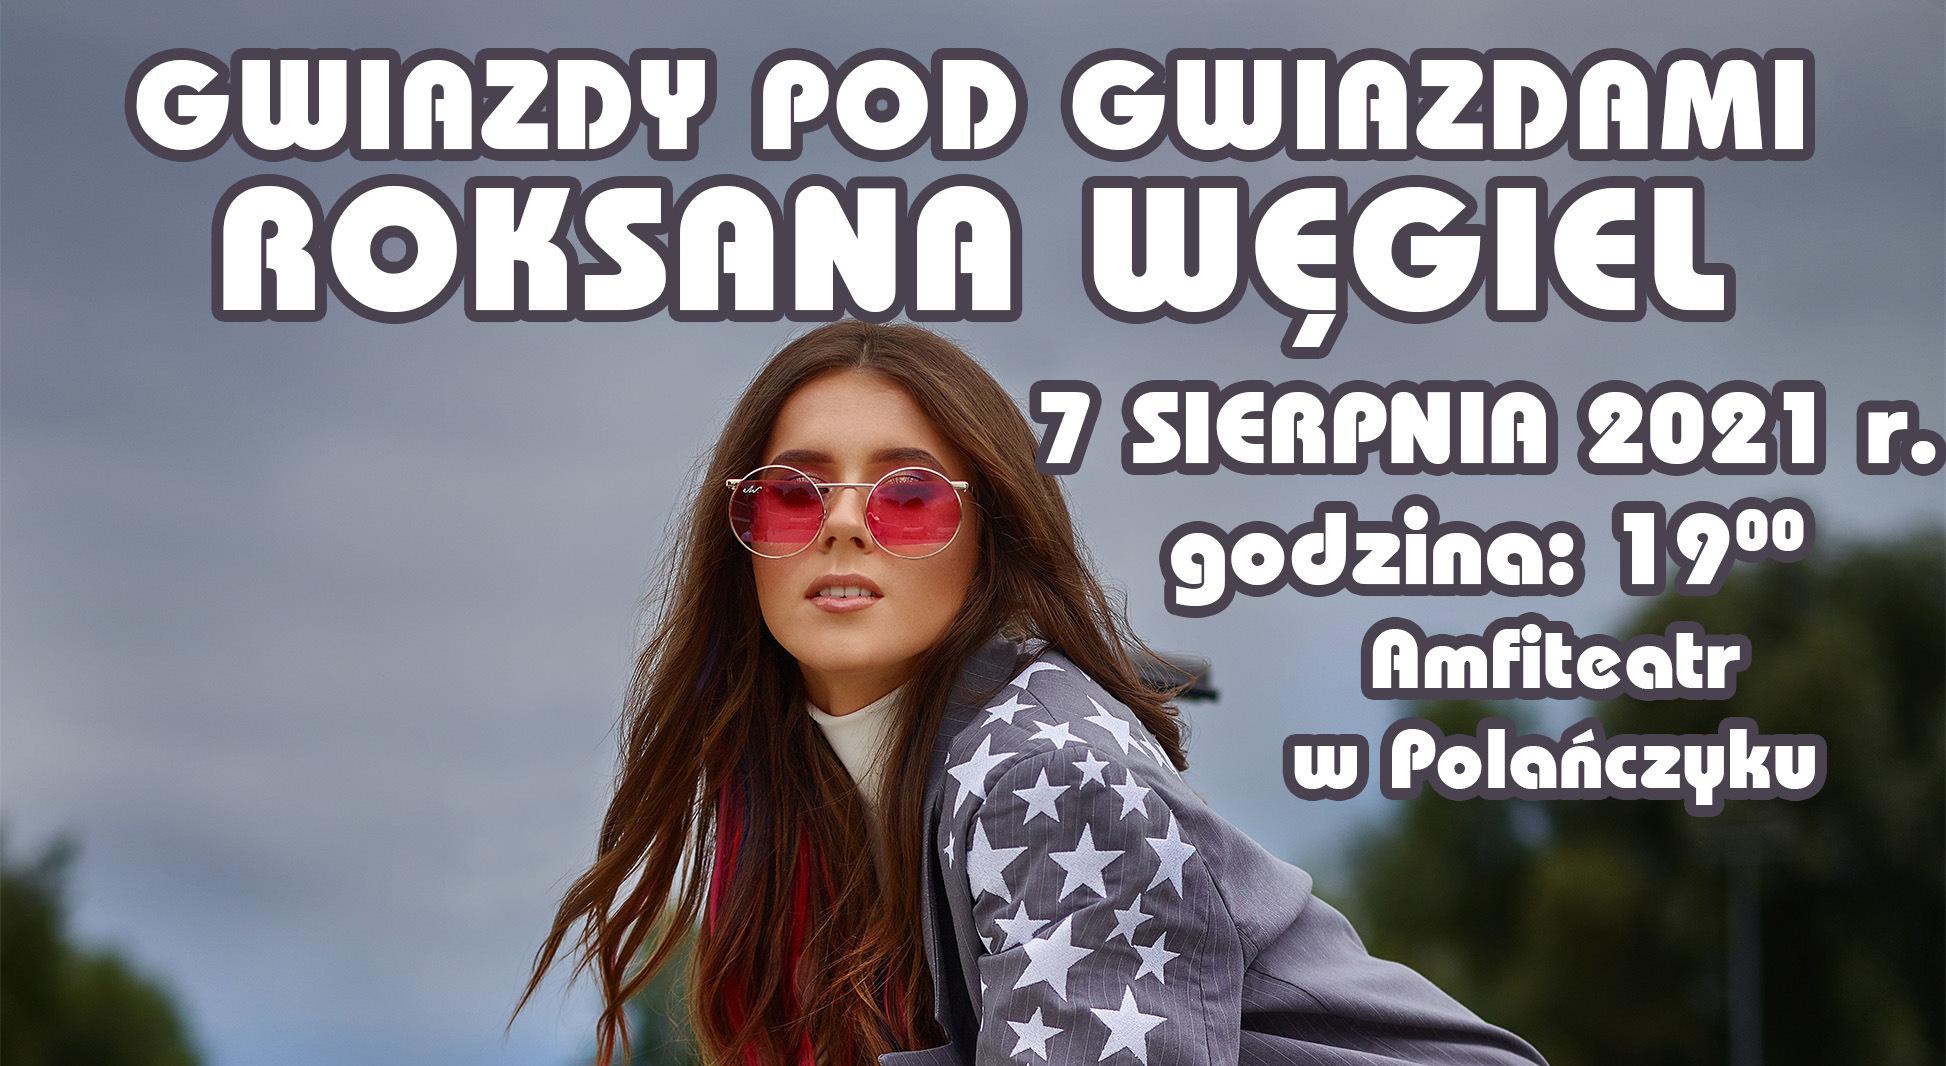 Zapraszamy na niezapomnianą noc pod gwiazdami w Polańczyku! - Zdjęcie główne